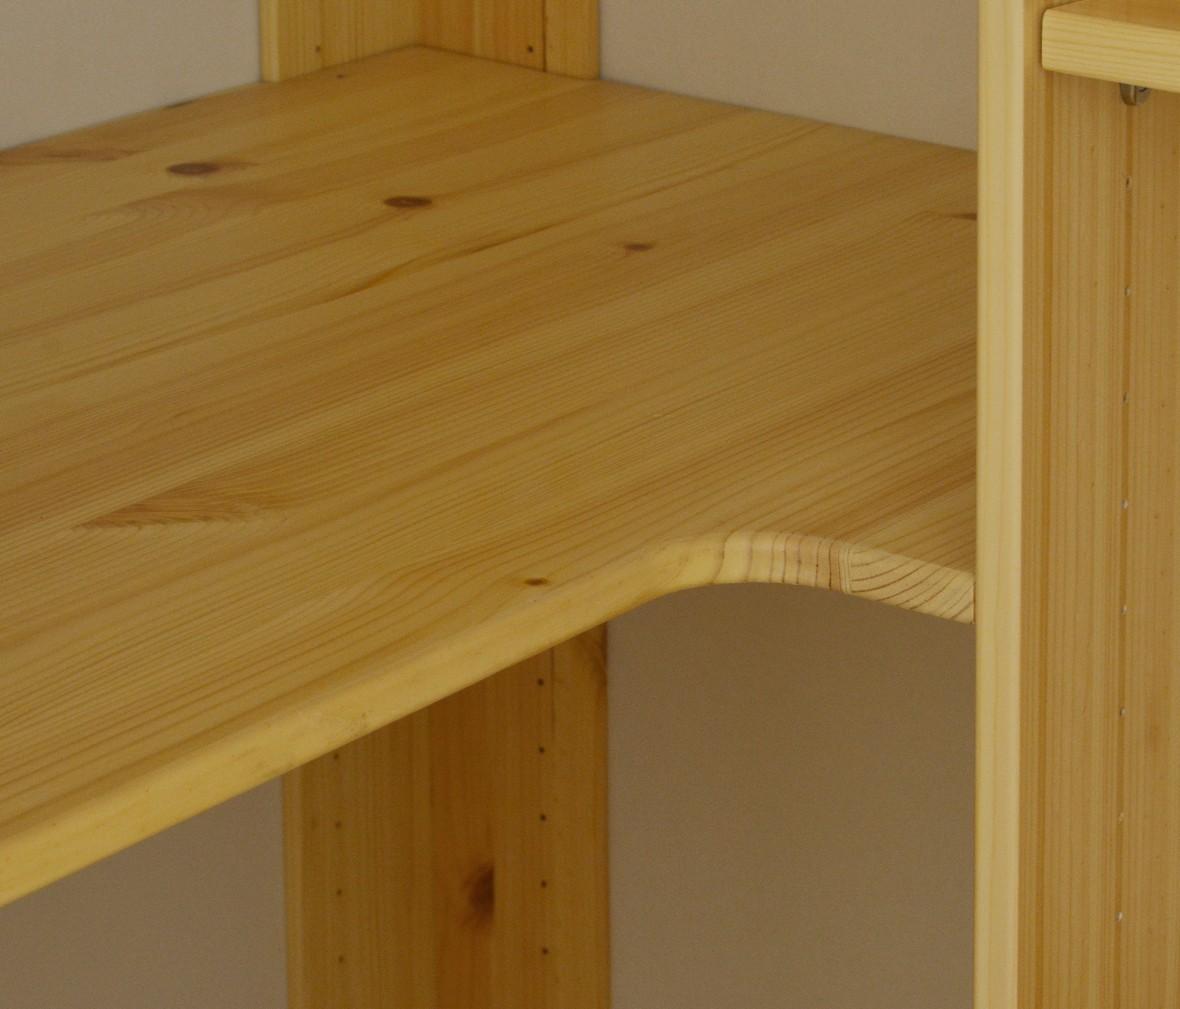 芙莱莎 81-24527-1型号角柜 北欧风格儿童实木角柜 商品细节